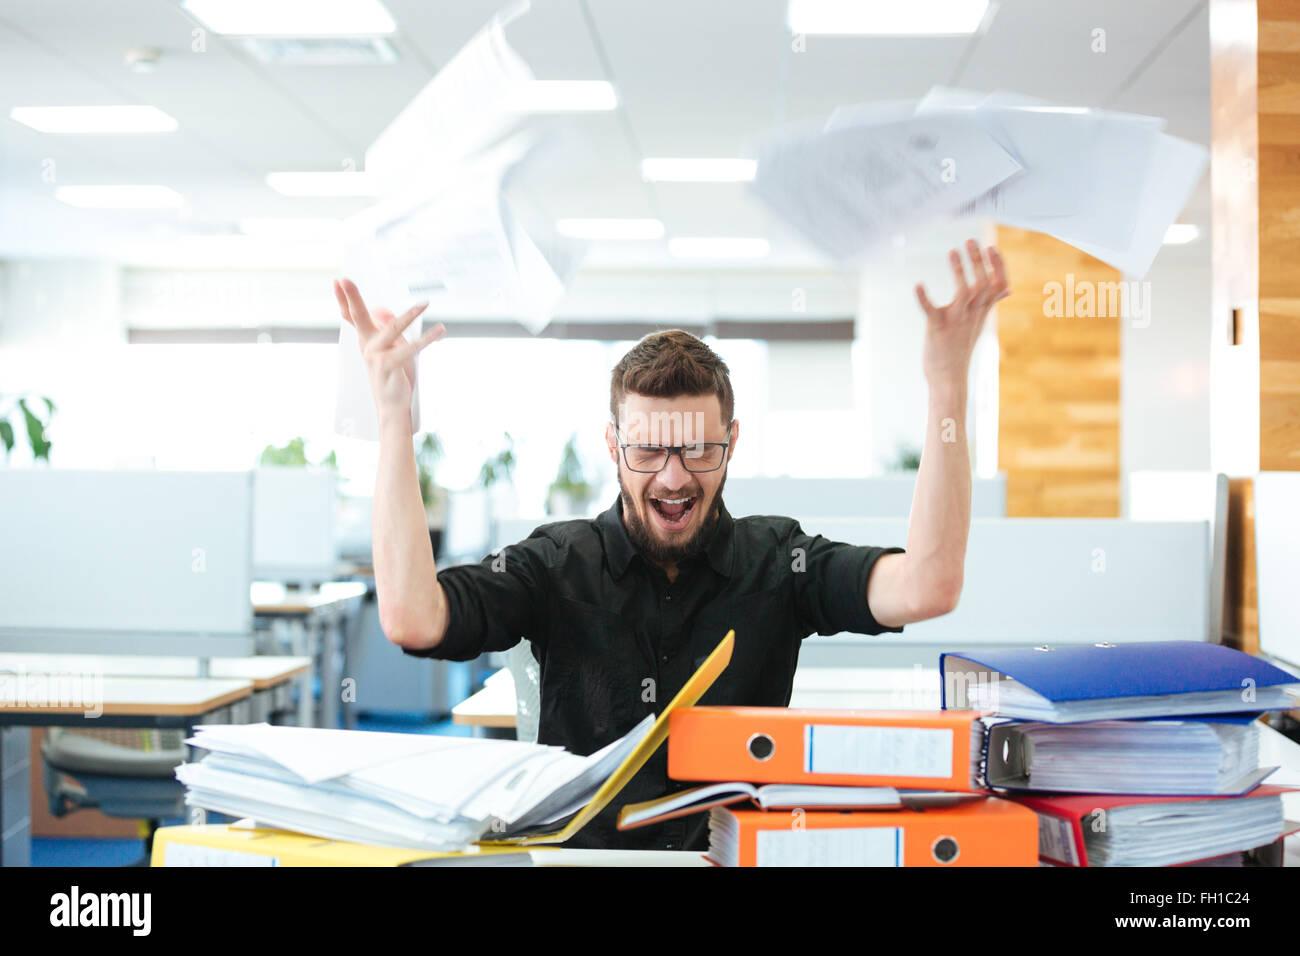 Imprenditore arrabbiato seduti a tavola e gridando in ufficio Immagini Stock